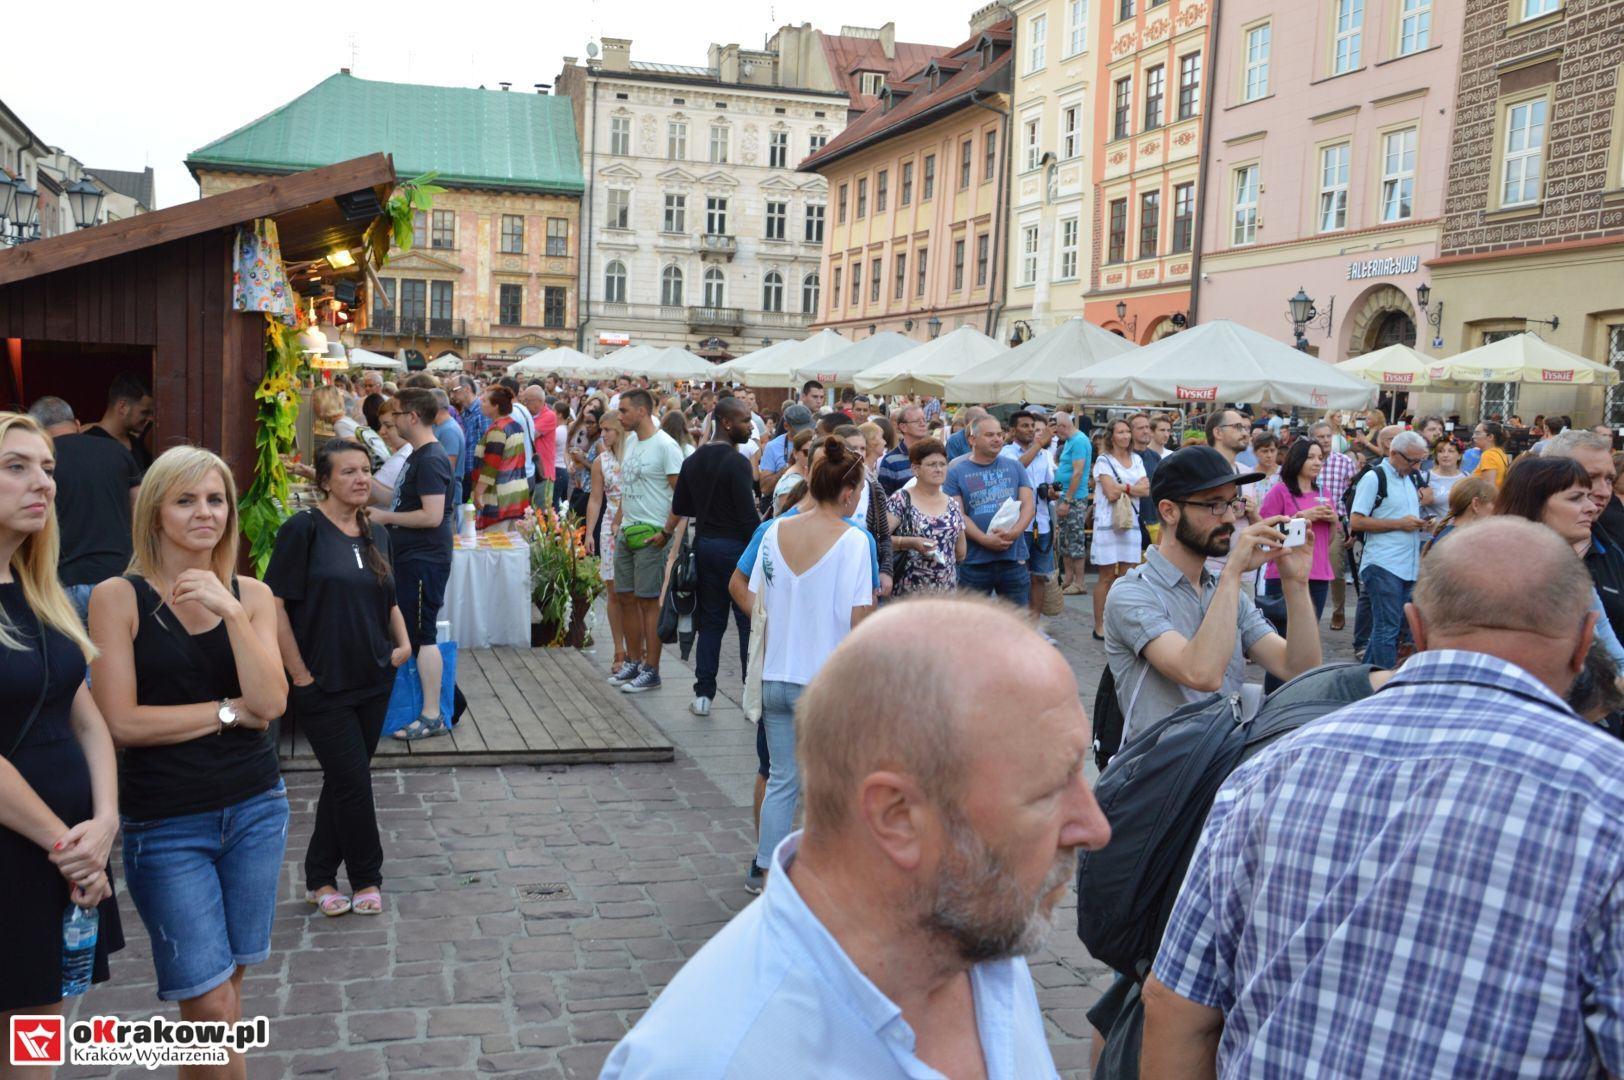 krakow festiwal pierogow maly rynek koncert cheap tobacco 108 150x150 - Galeria zdjęć Festiwal Pierogów Kraków 2018 + zdjęcia z koncertu Cheap Tobacco